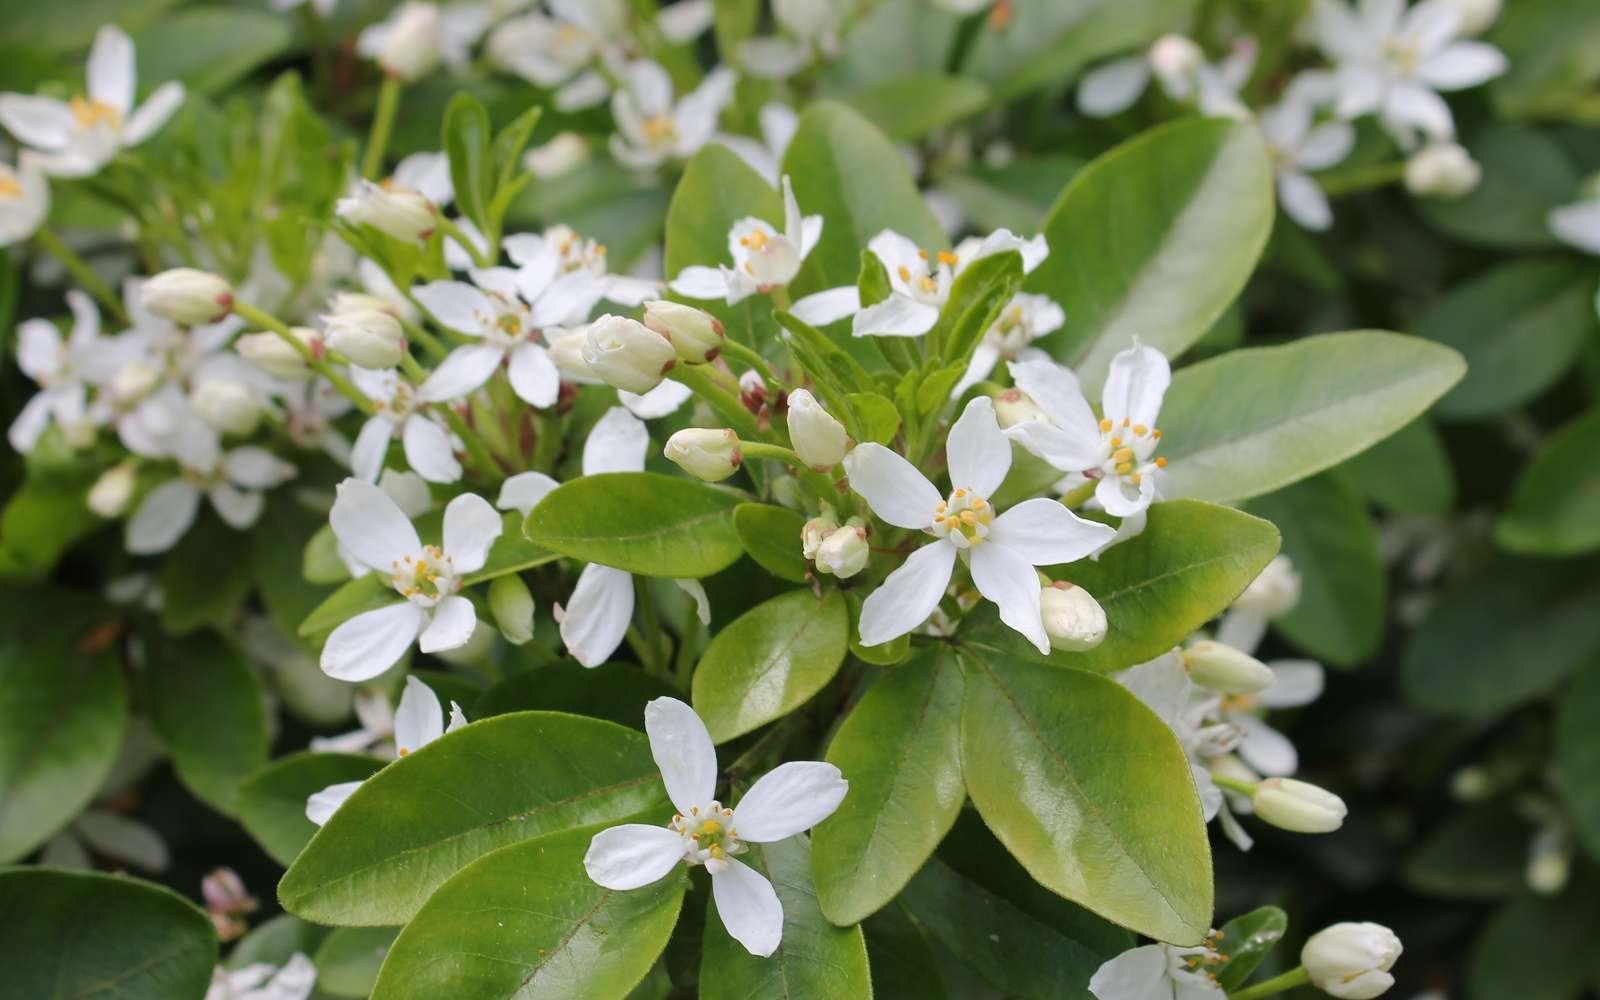 L'oranger du Mexique, Choisya ternata en latin, se couvre de petites fleurs odorantes au parfum d'agrumes. © S. Chaillot